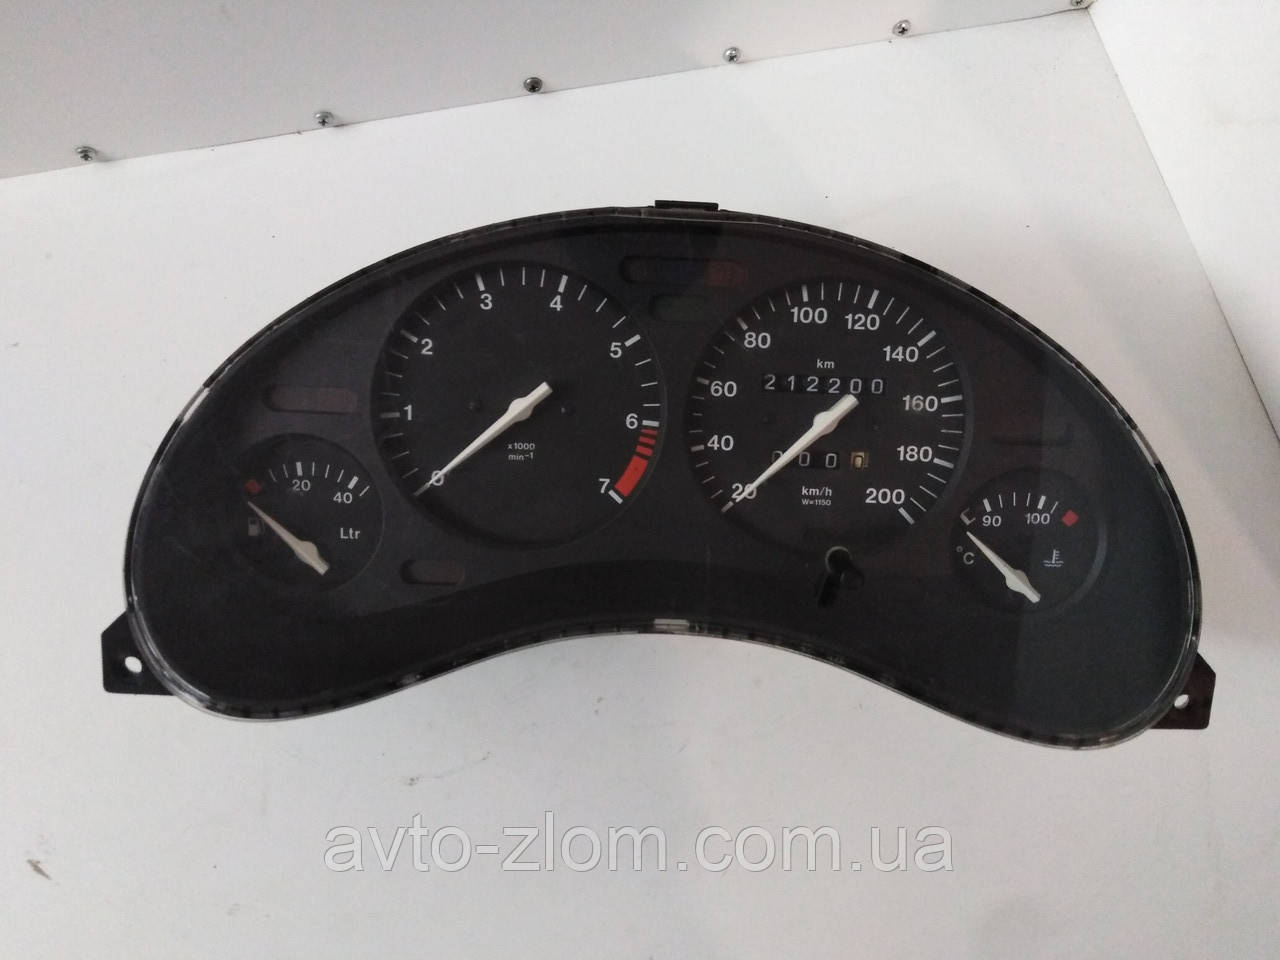 Щиток, панель приборов Opel Combo B, Corsa B, Опель Комбо Б, Корса Б с тахометром. 90386323, 81117761.